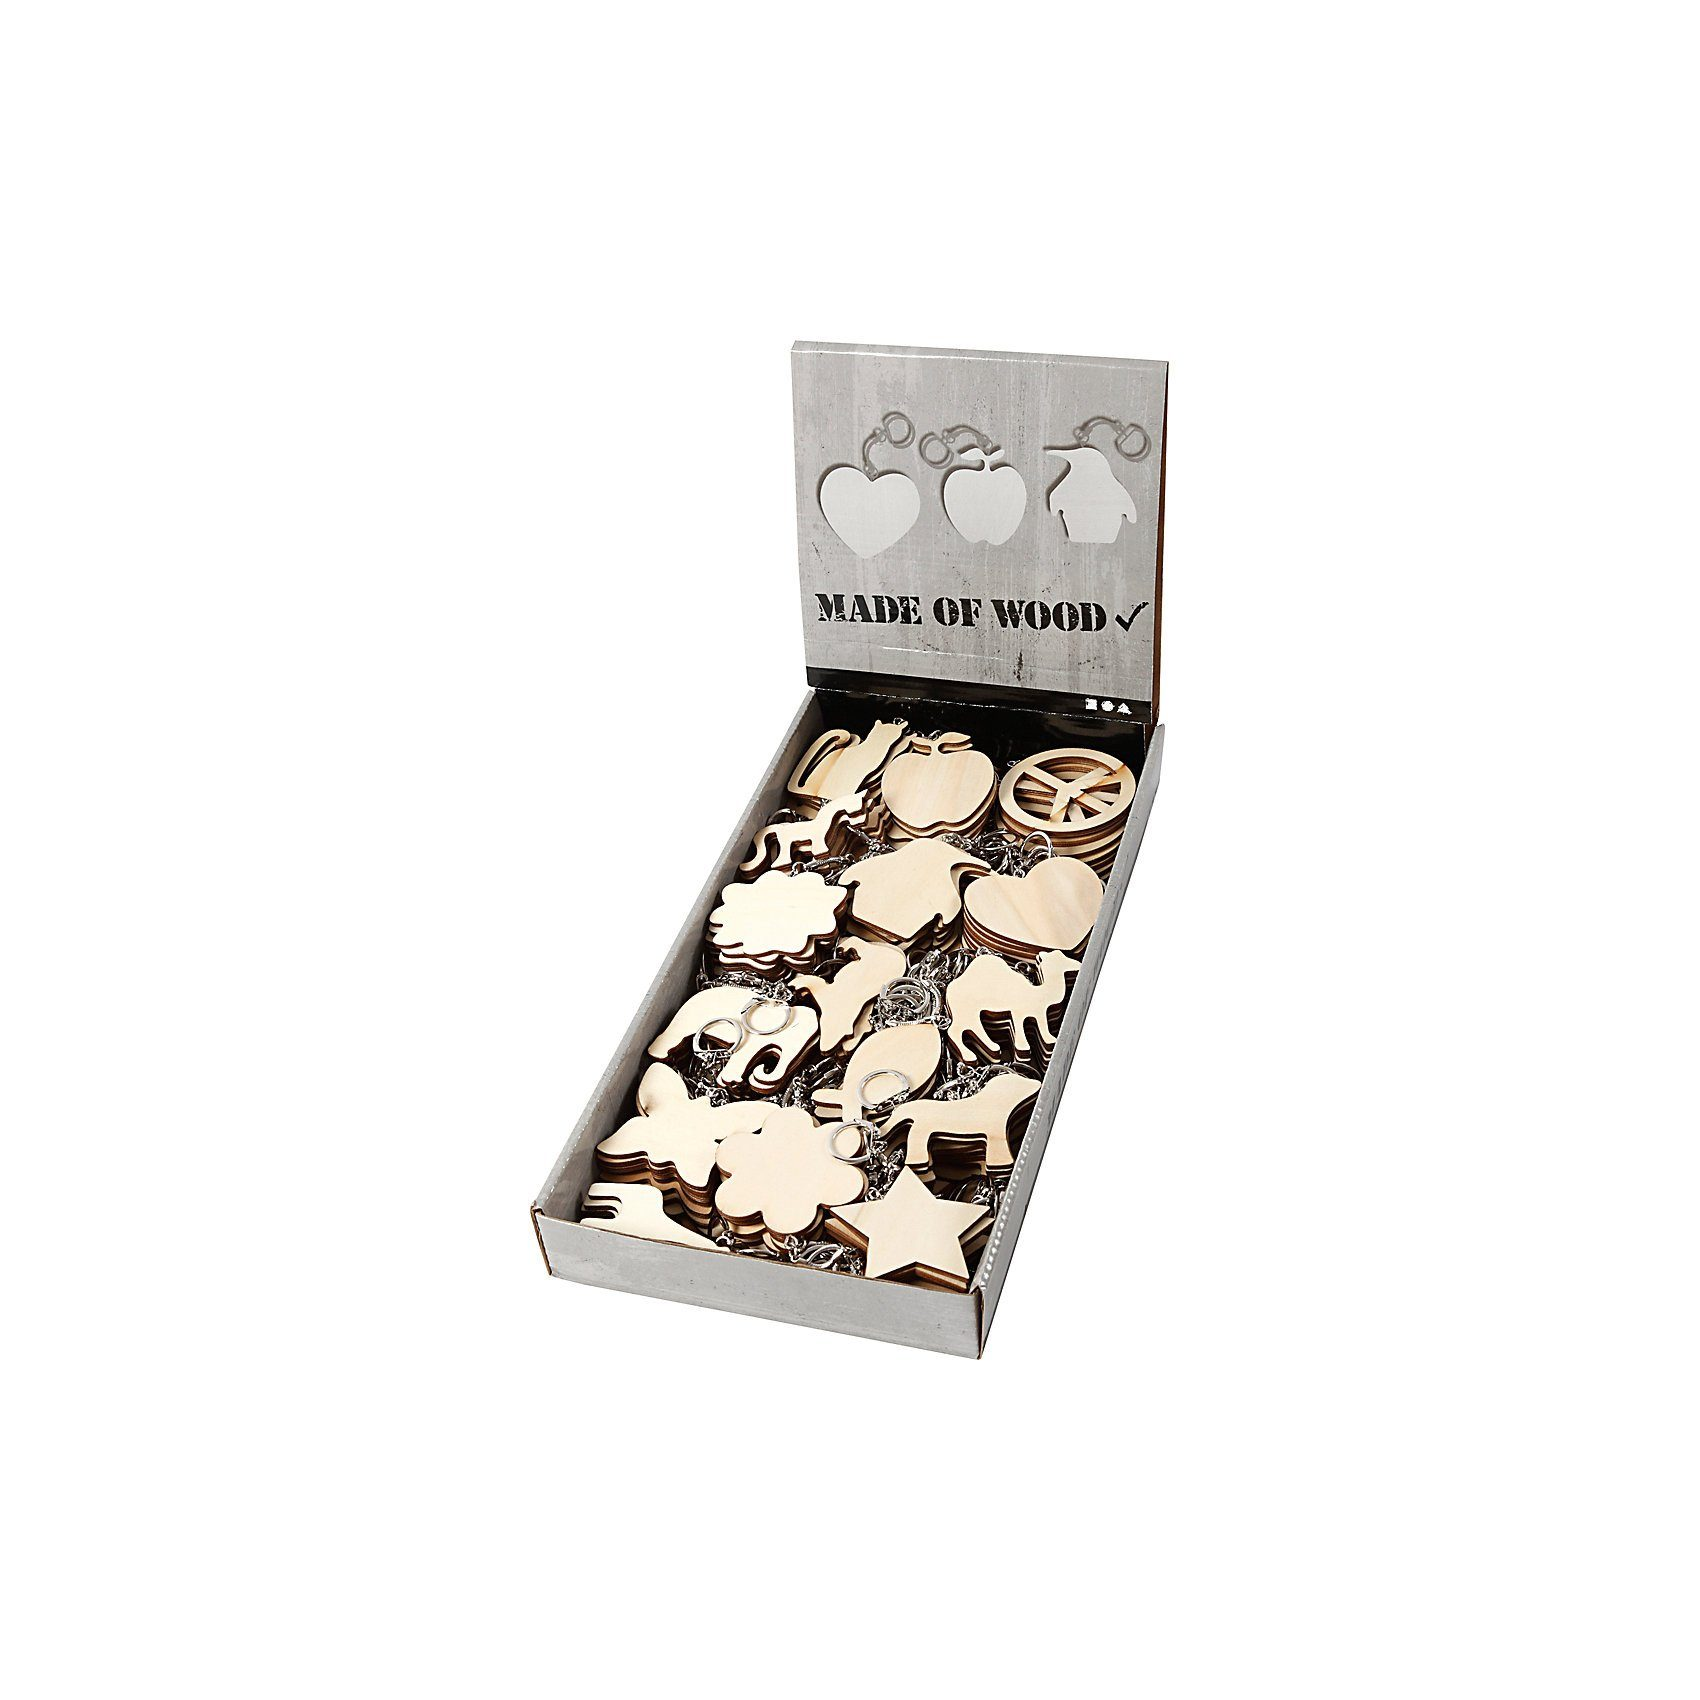 Schlüsselring mit Holzschildern, Größe 7x7 cm, Stärke: 3 mm